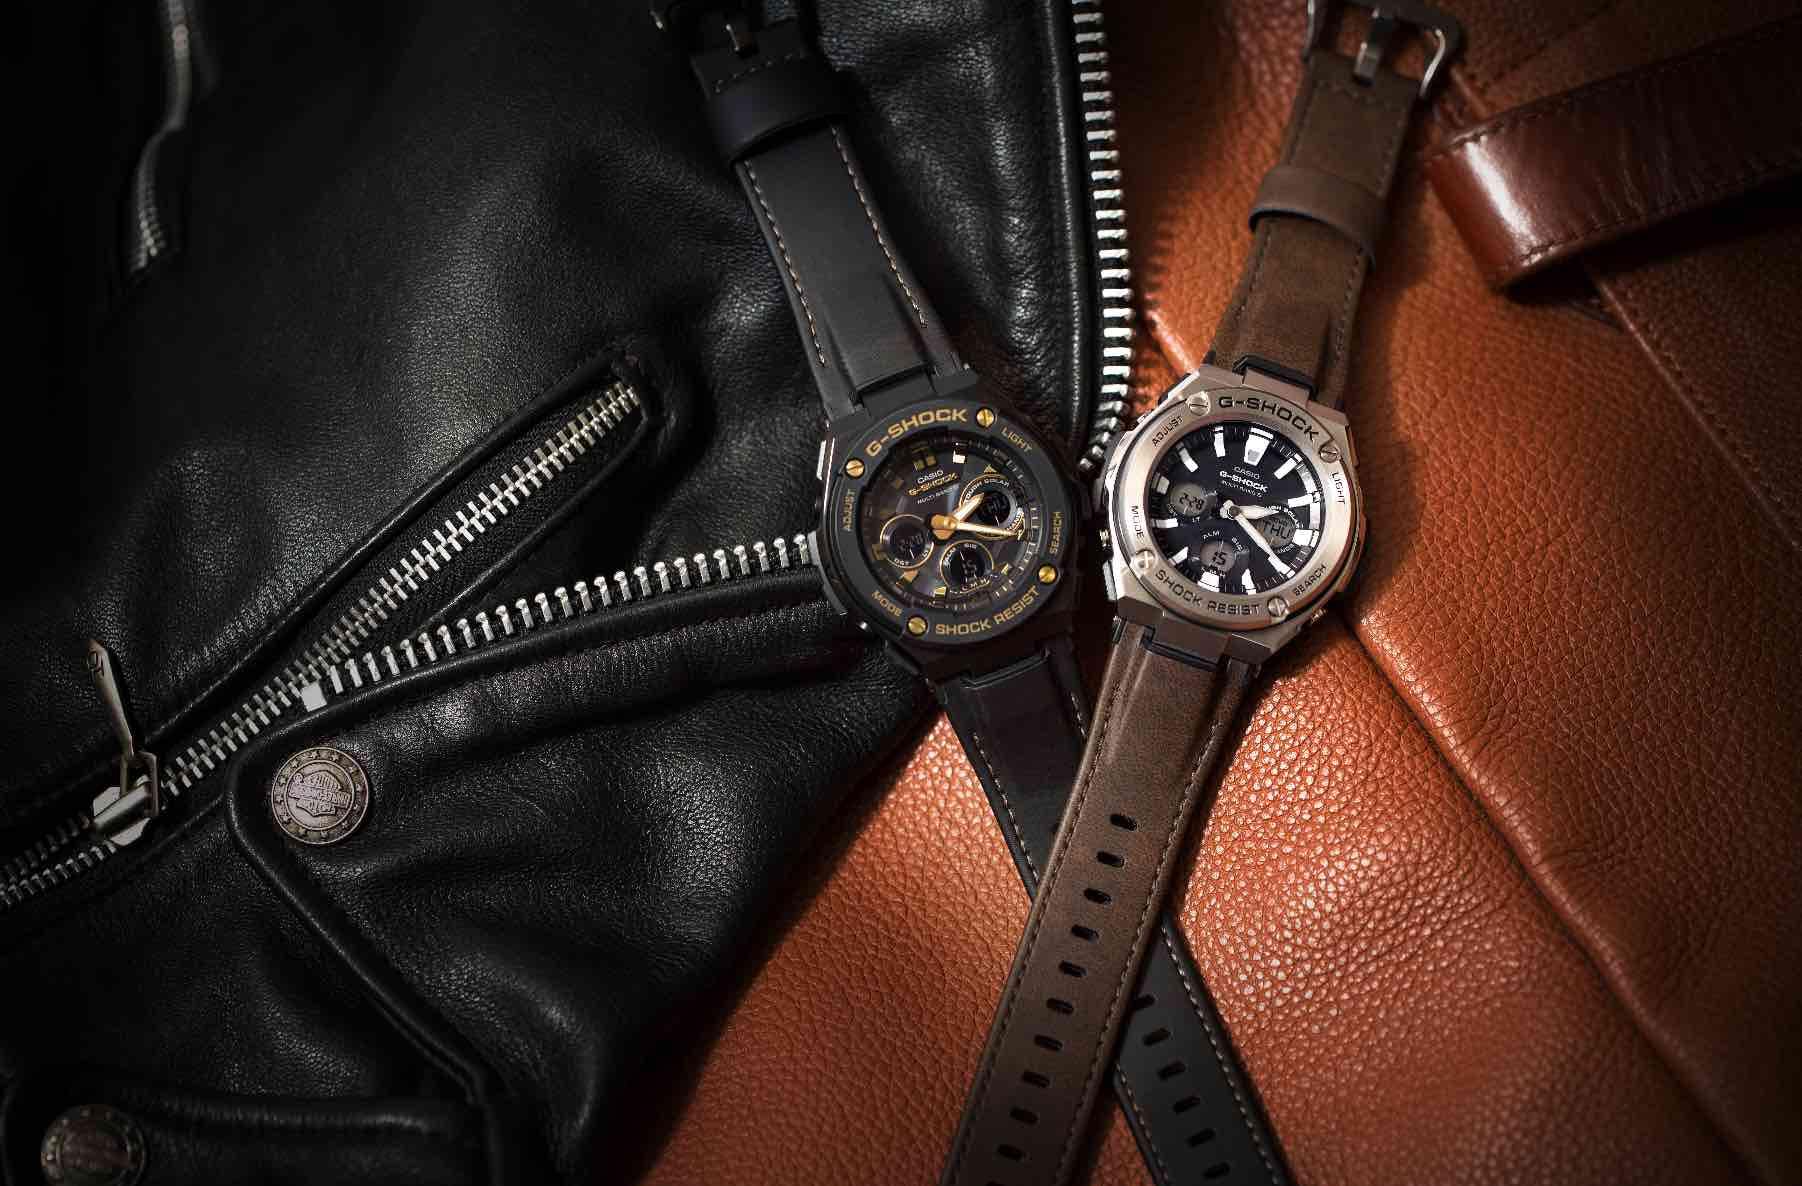 两款无需穿搭思考的品质腕表, 教你戴出木村拓哉般的雅痞感